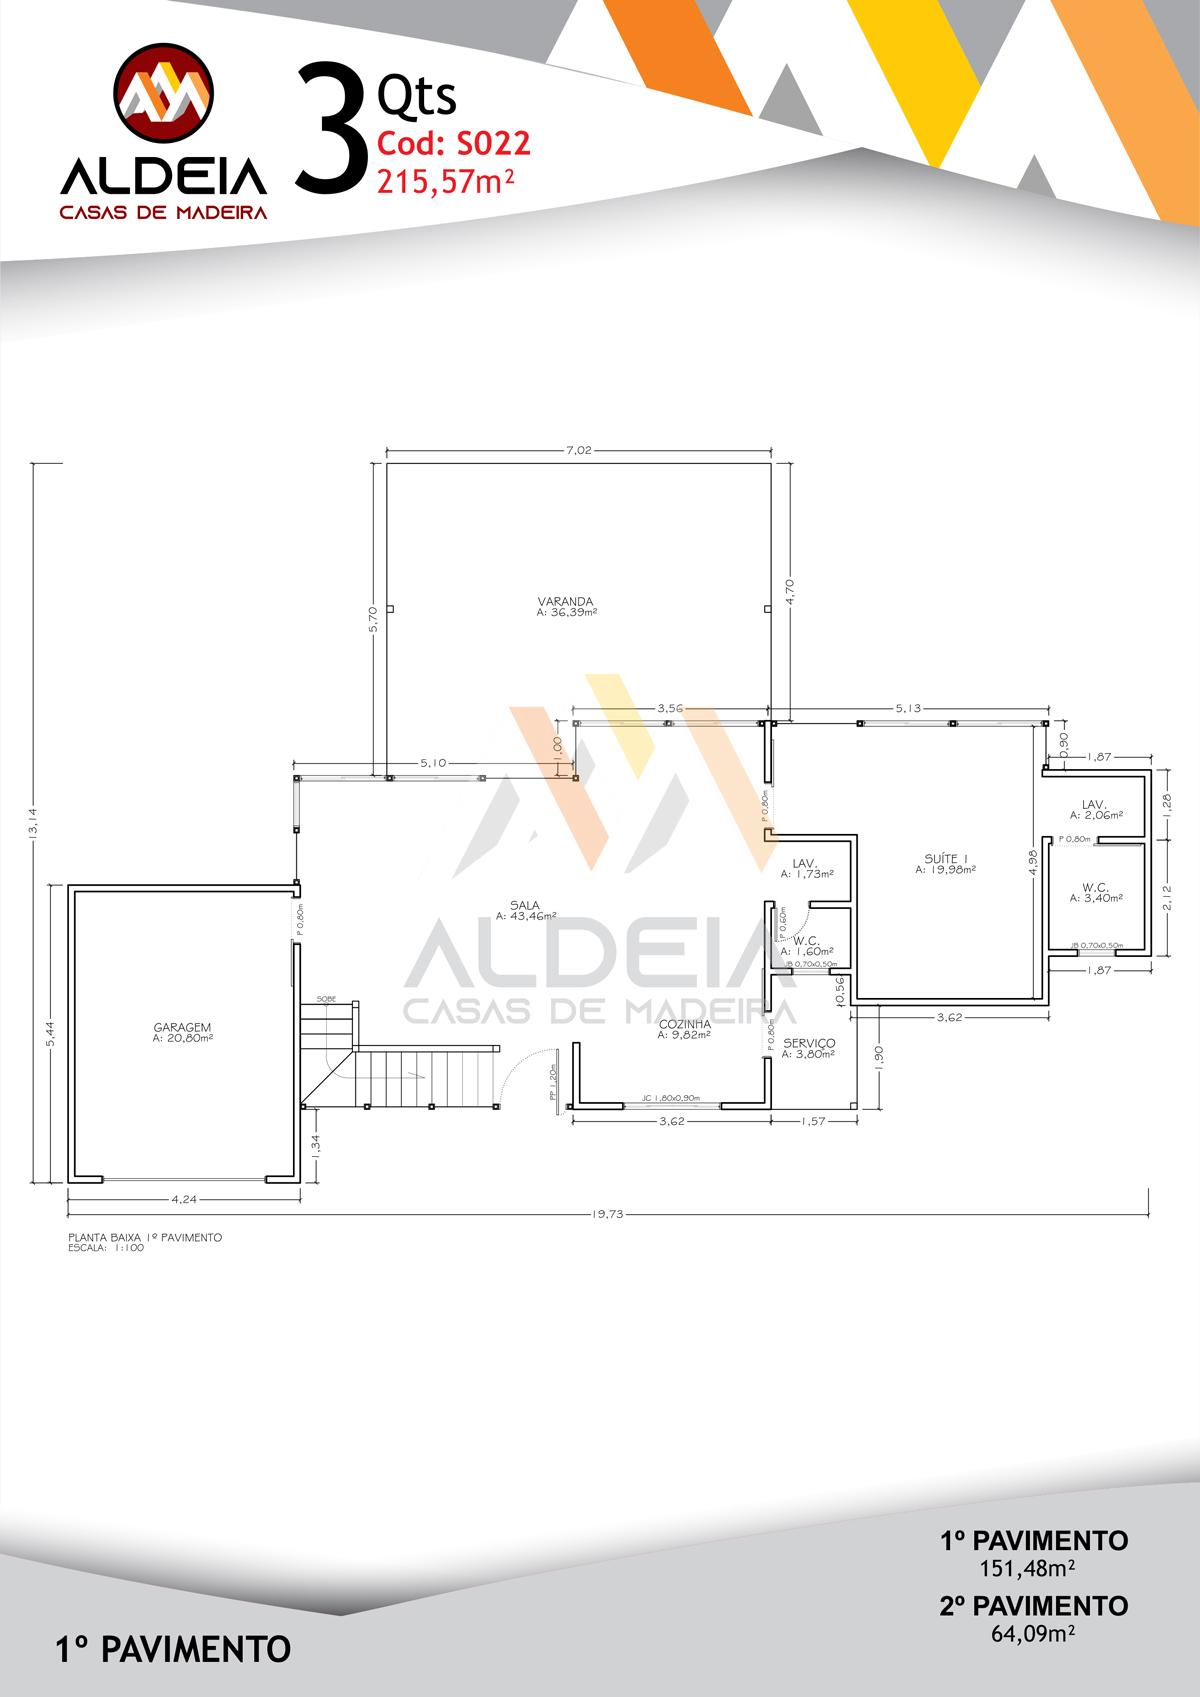 aldeia-casas-madeira-arquitetura-S022-1